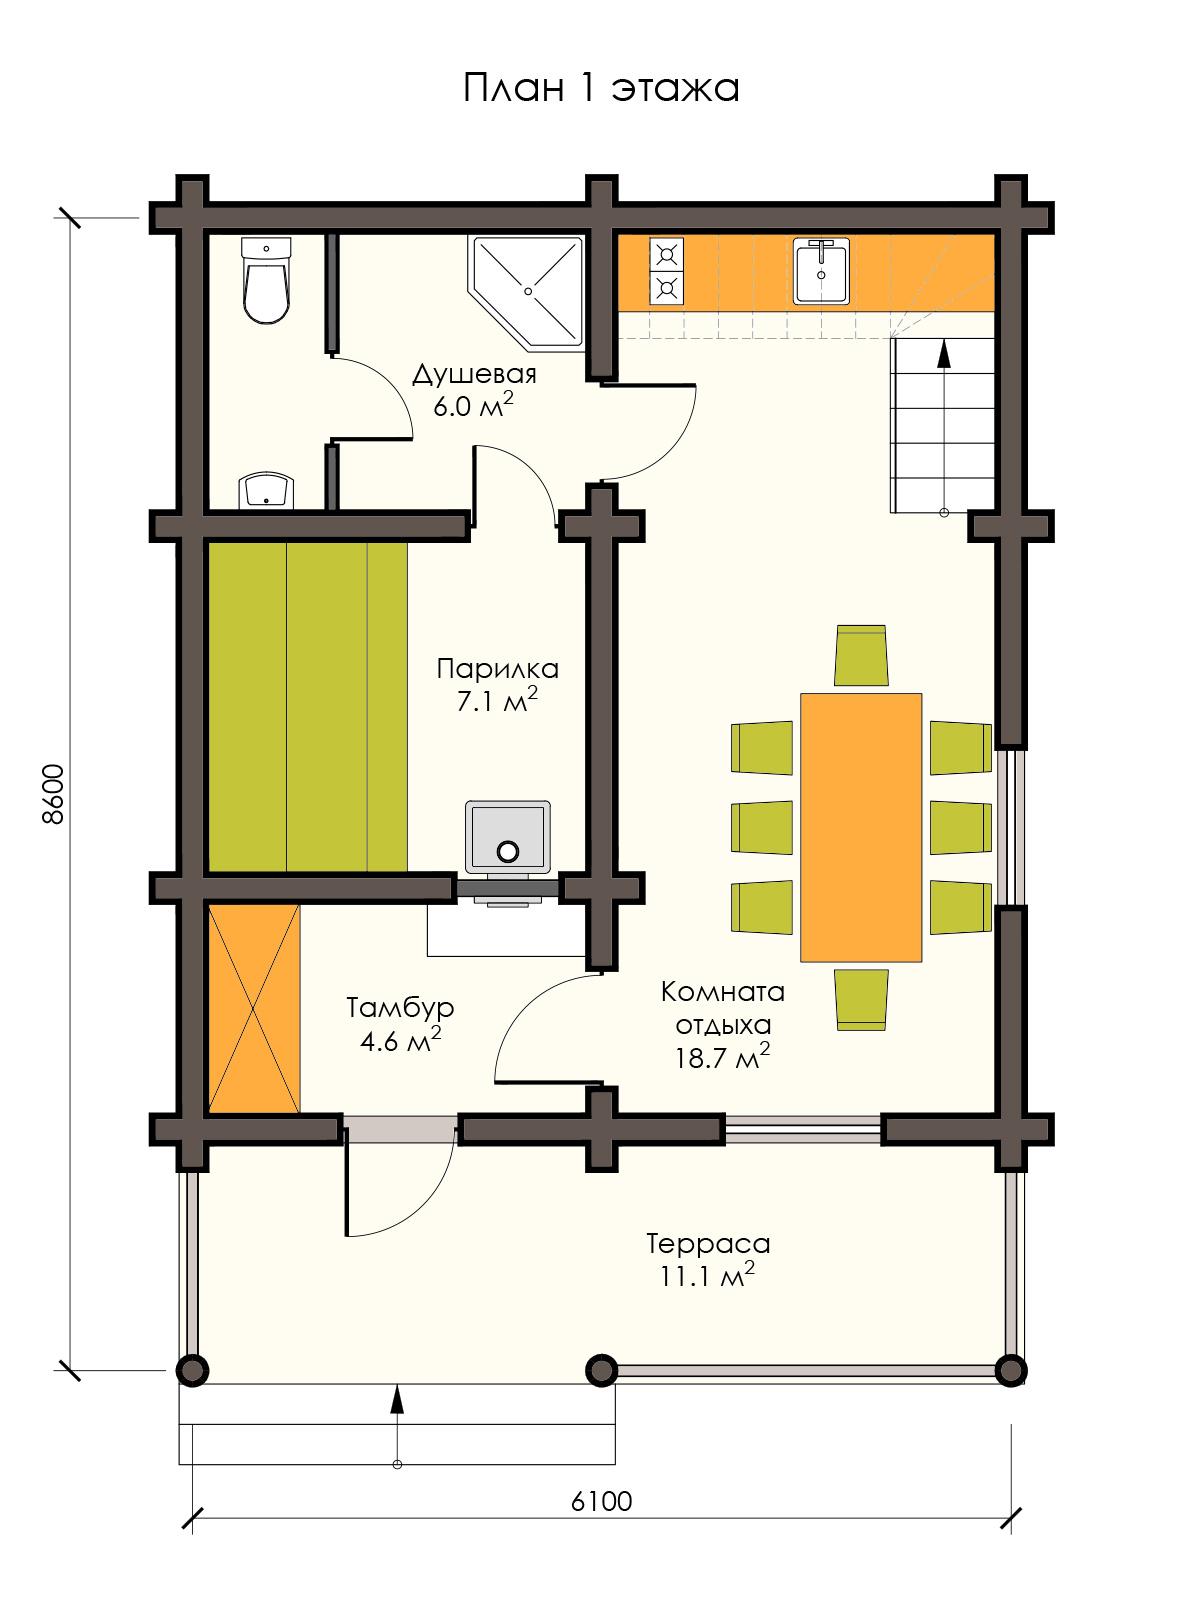 Купить баню 2 этажа